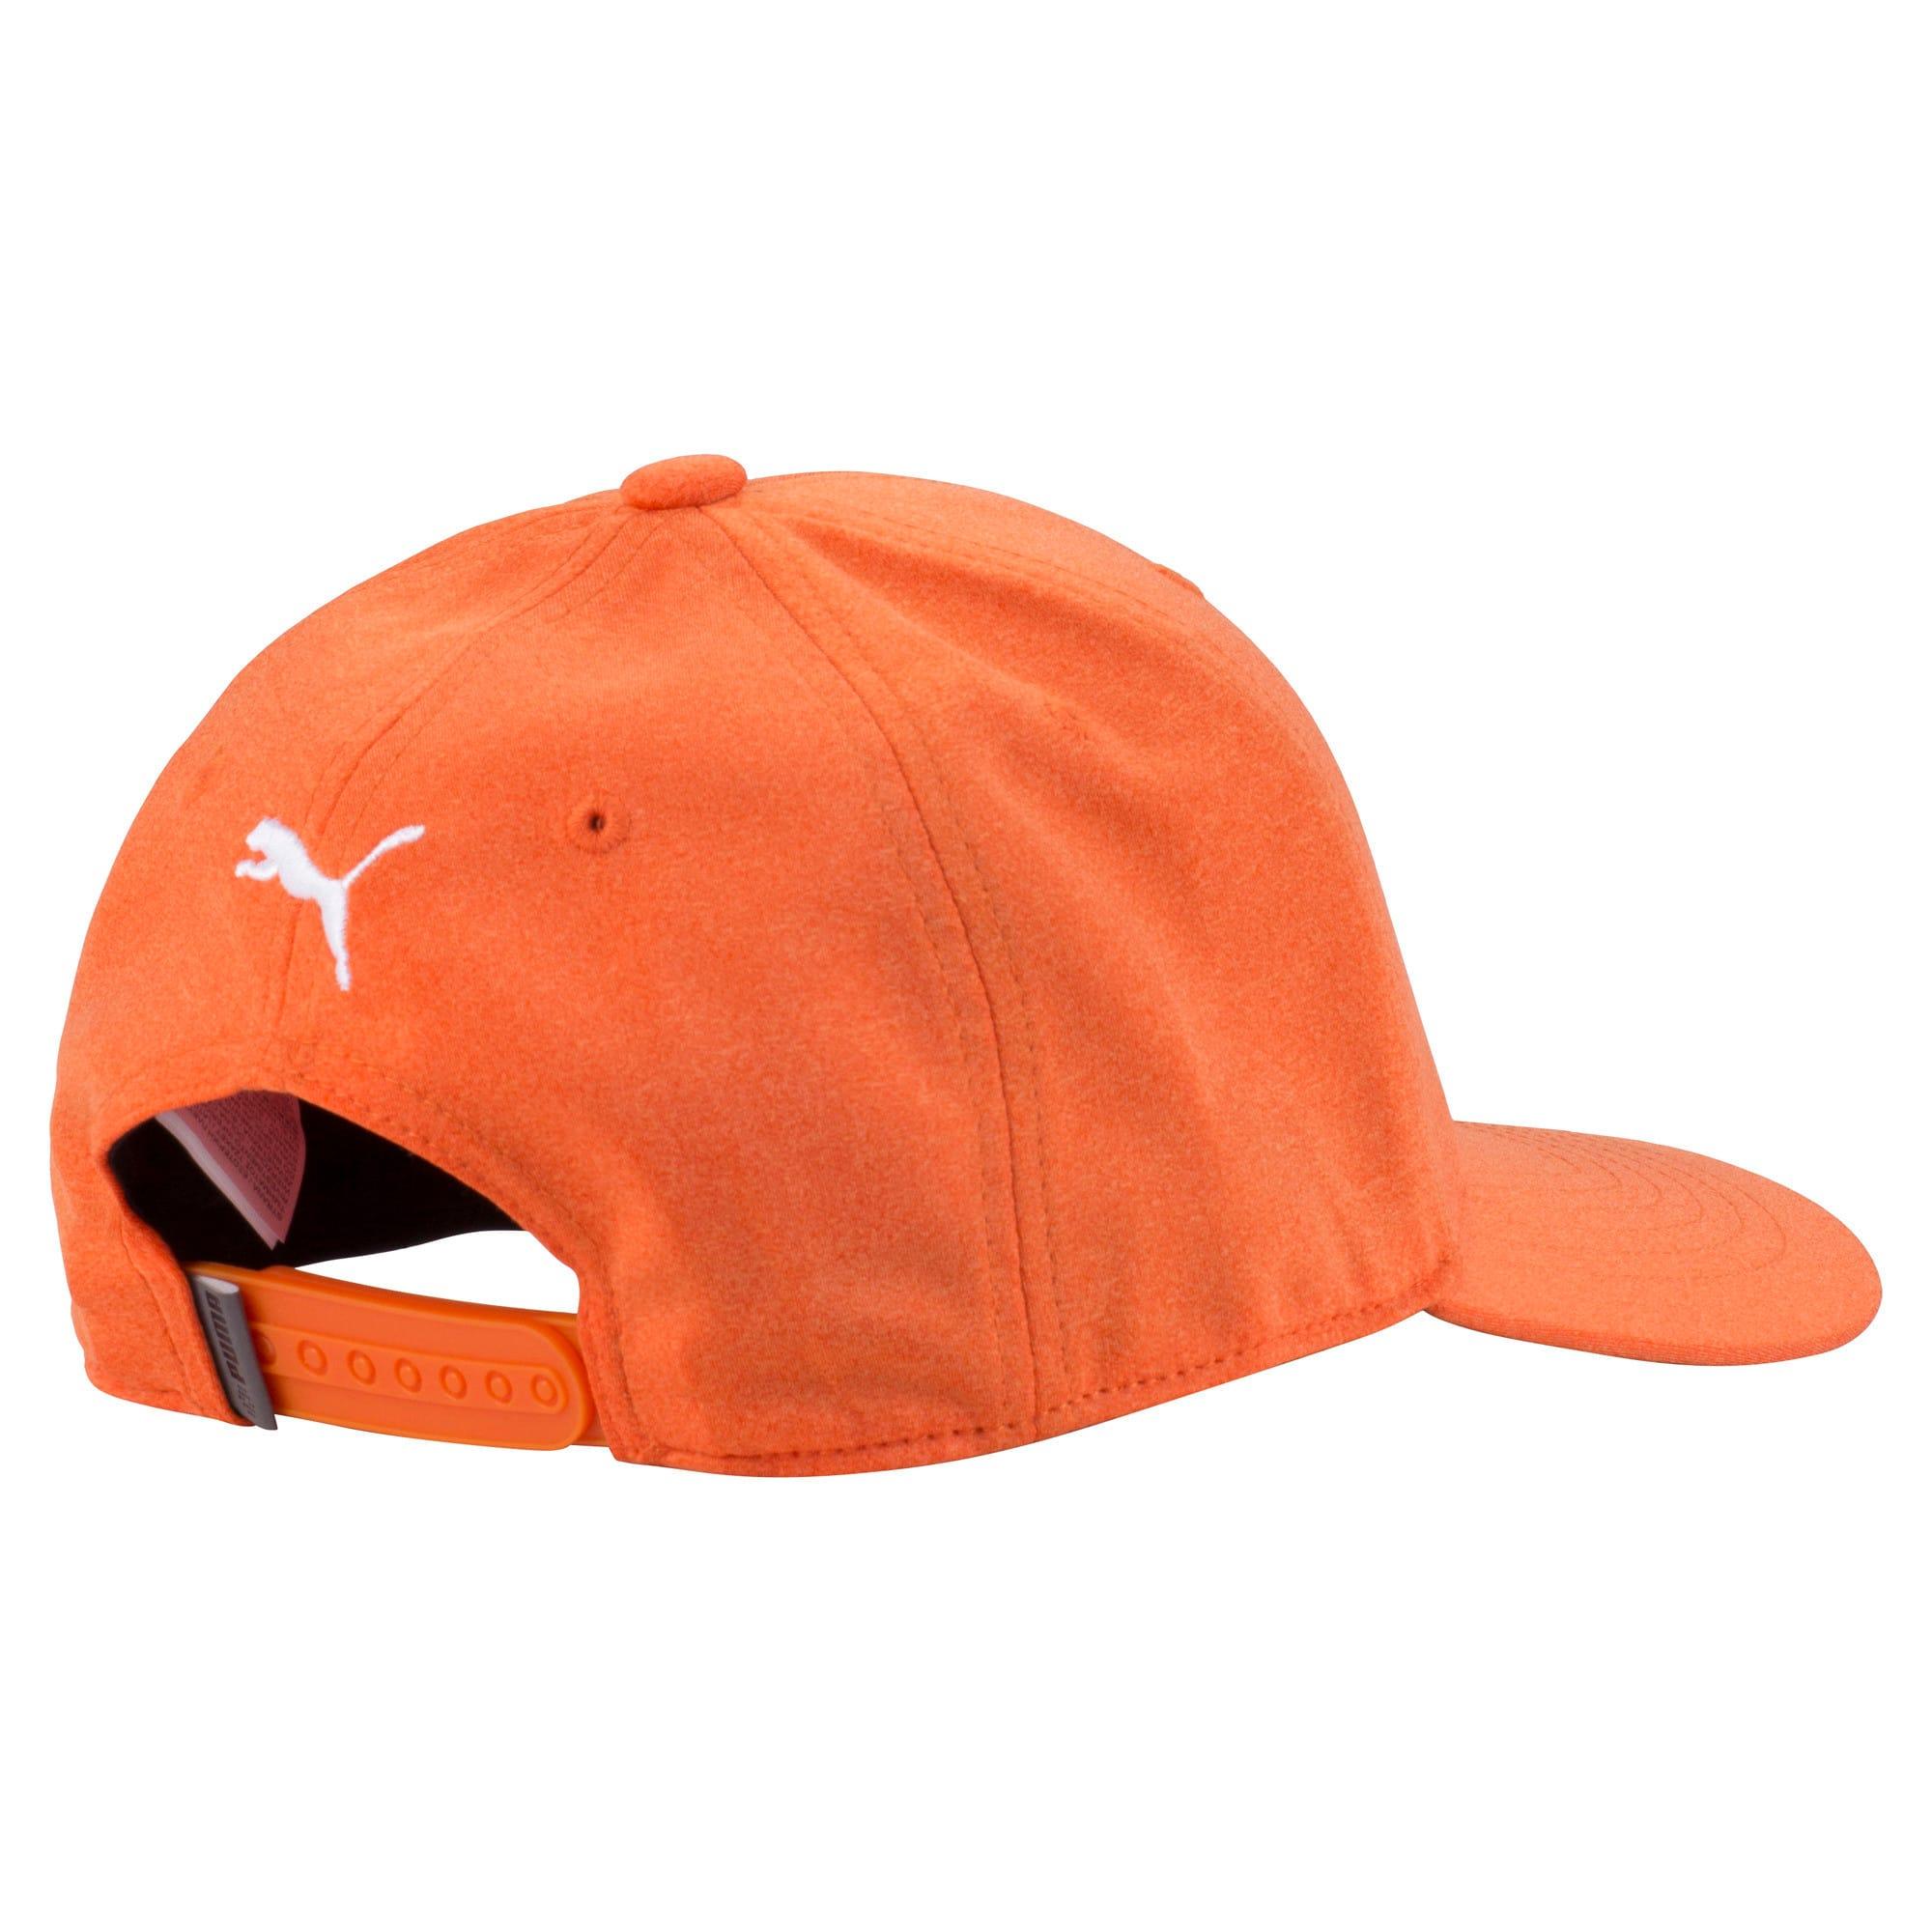 Miniatura 2 de Gorra P con cierre a presión, Vibrant Orange, mediano